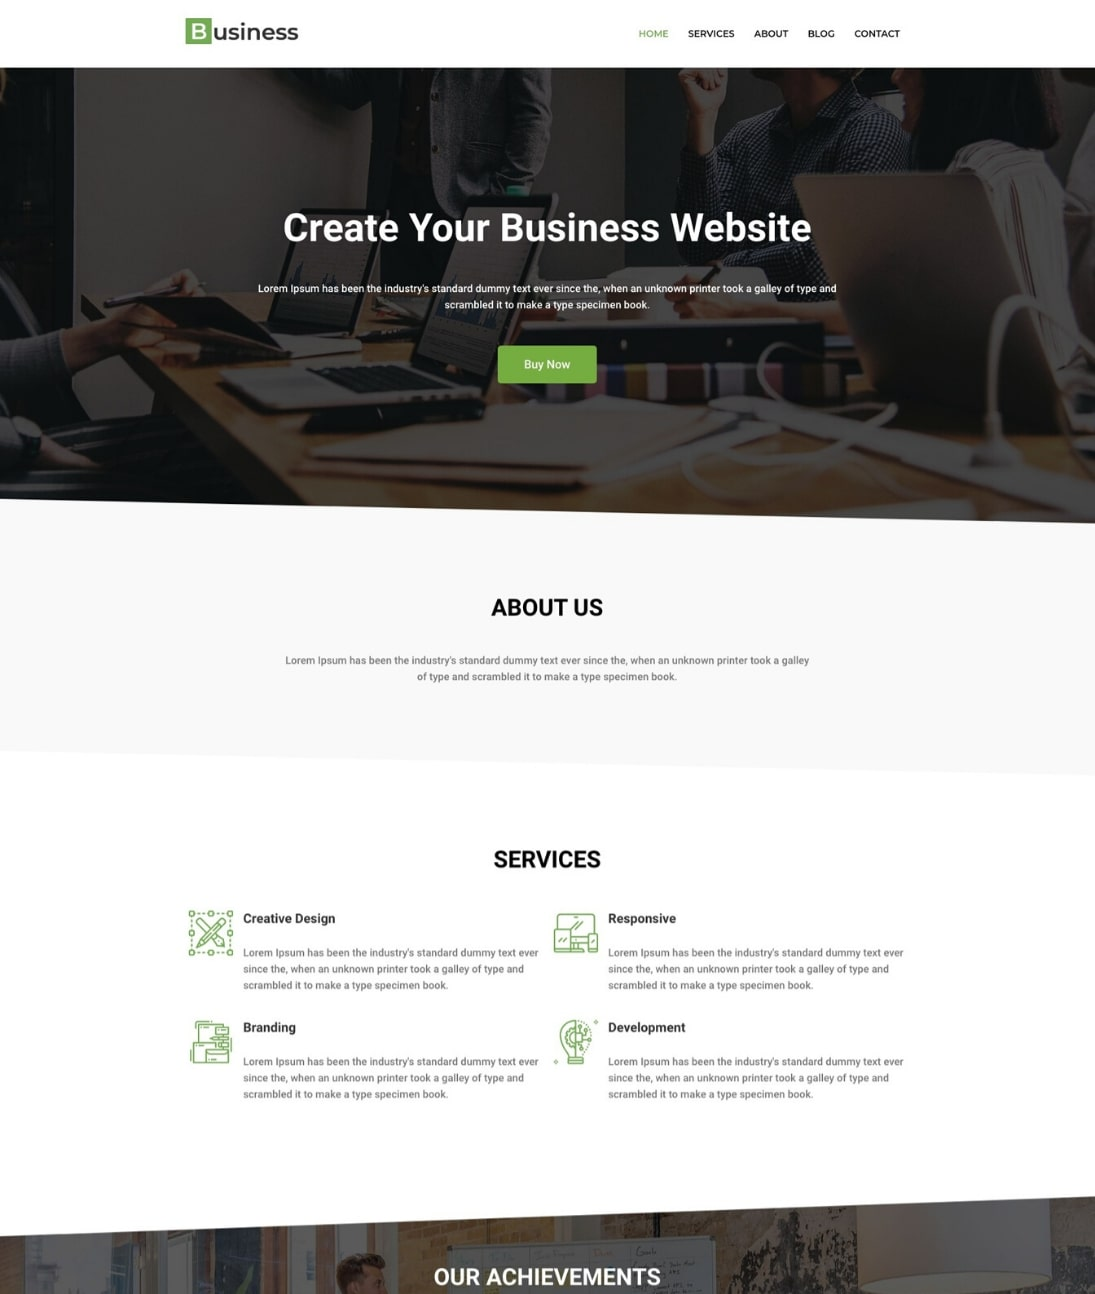 WordPress Business template by CyberChimps